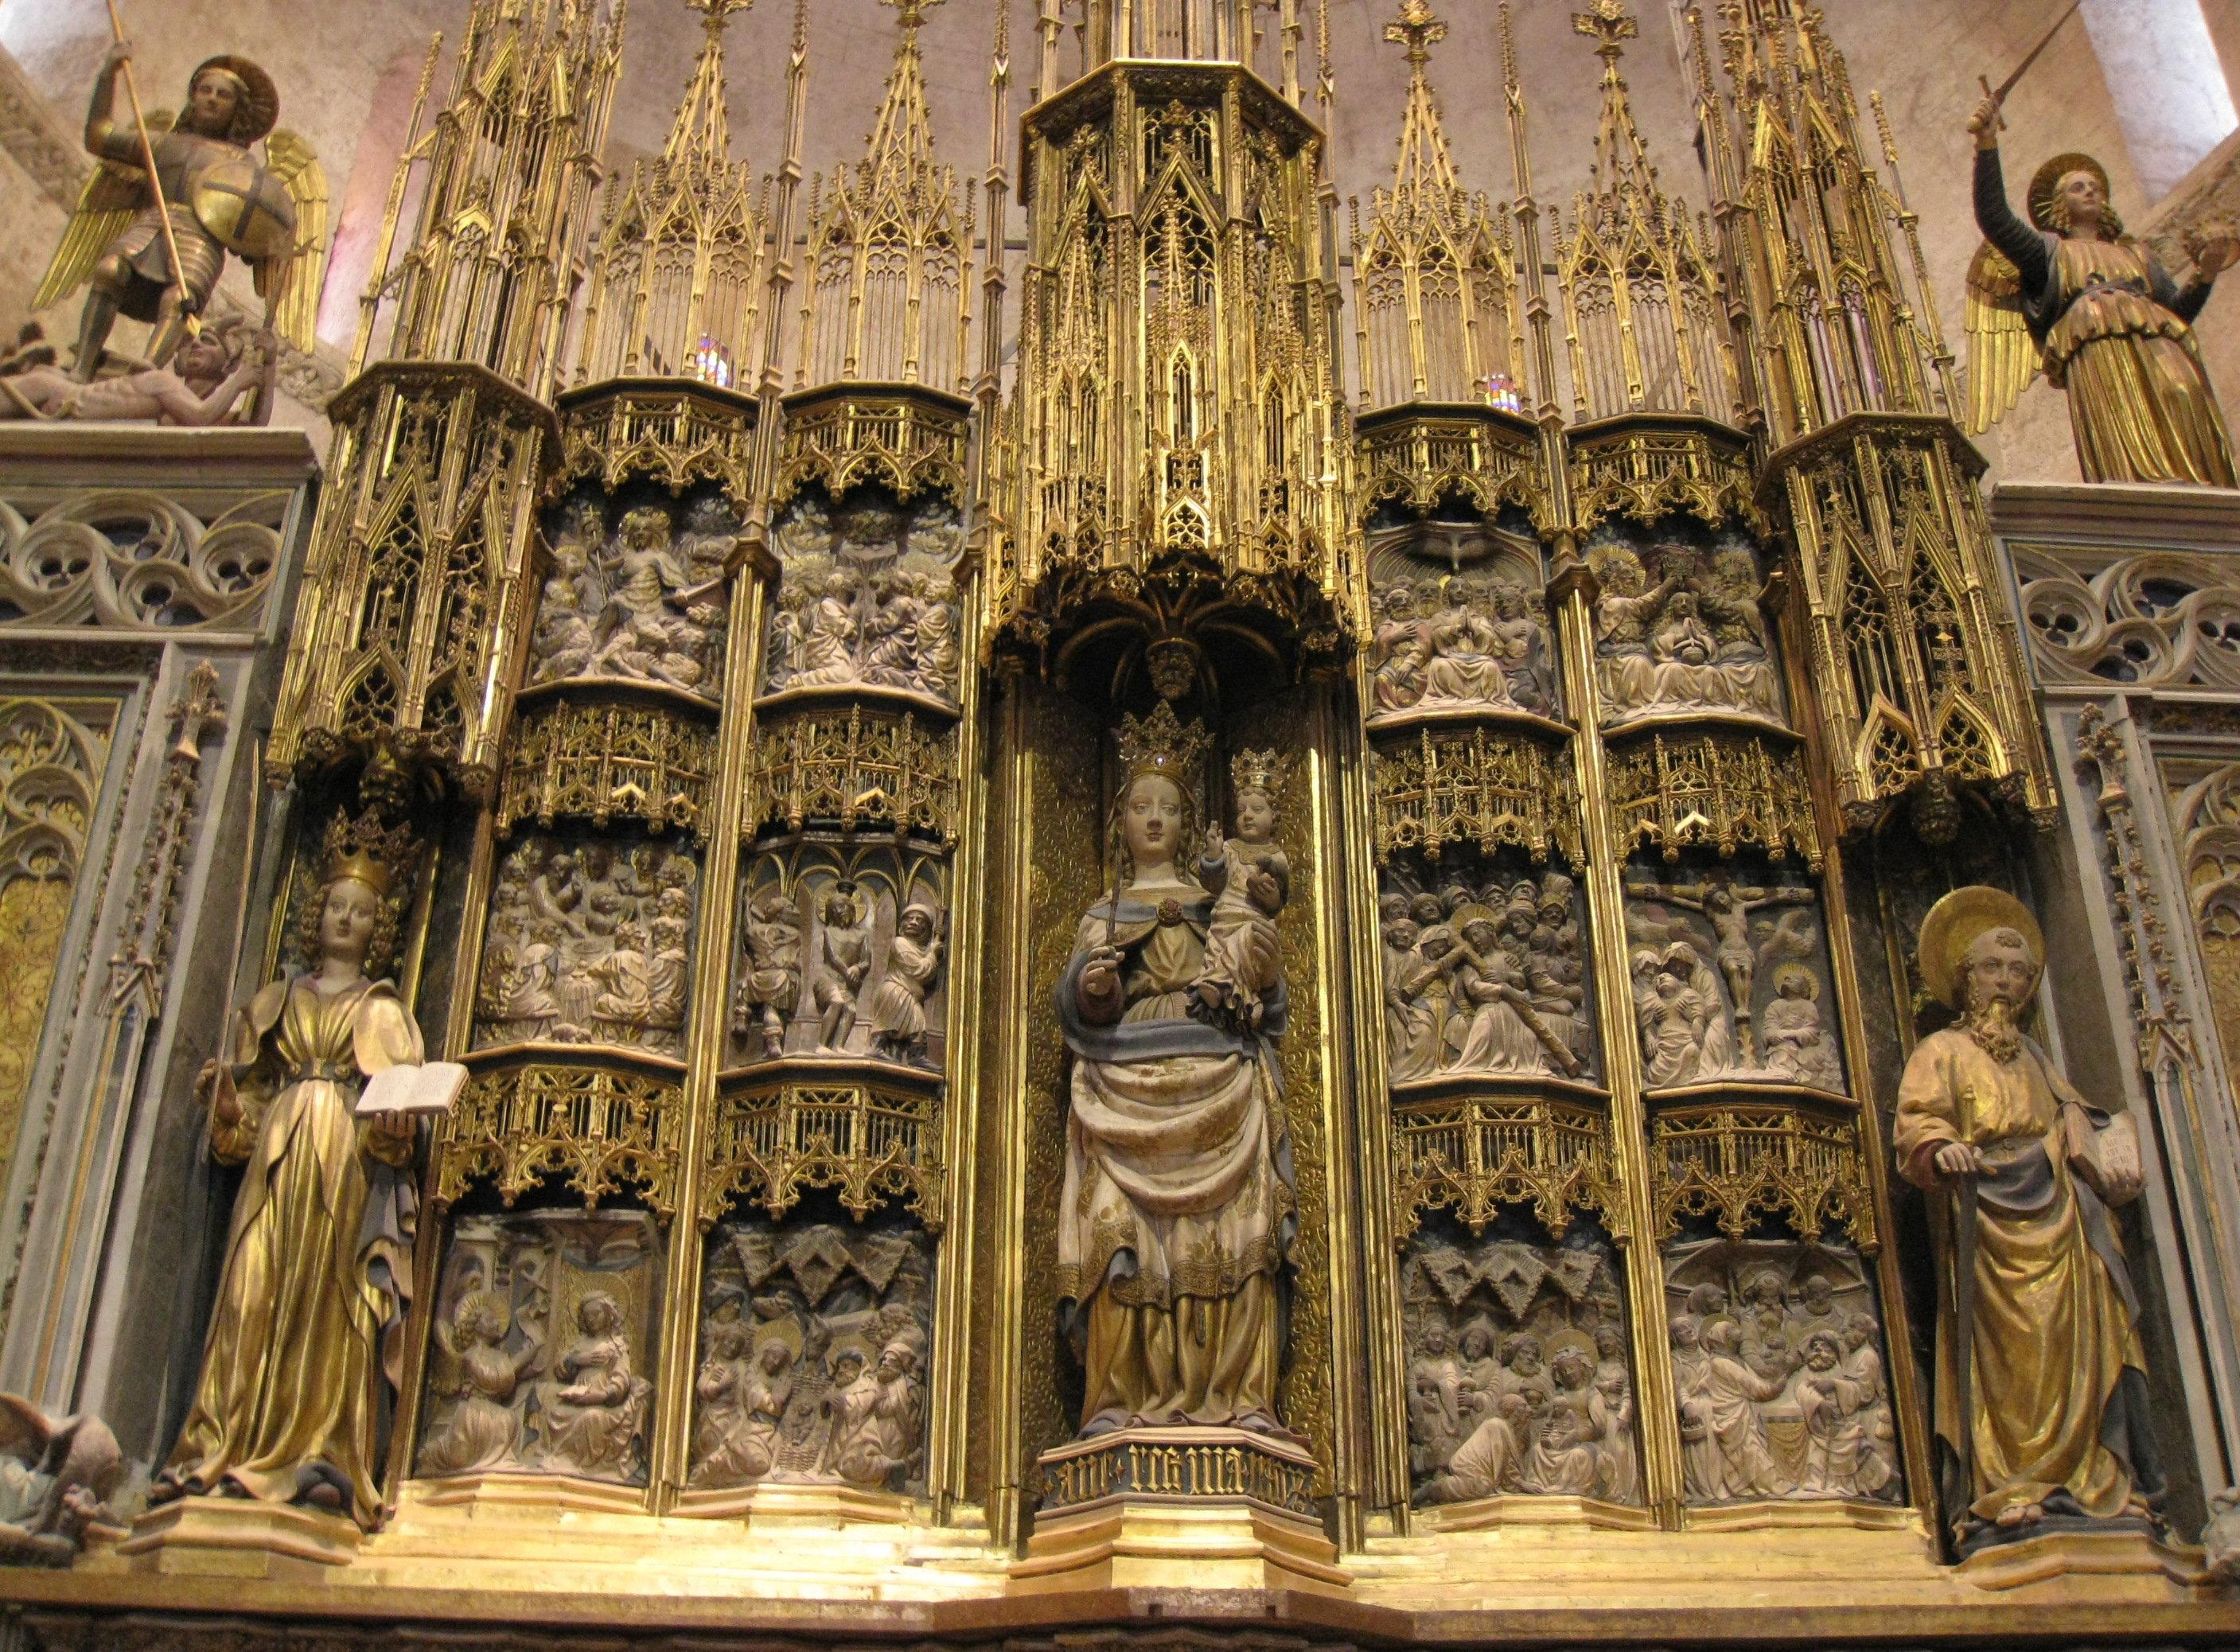 Retablo mayor en la Catedral de Santa María, en Tarragona. En el centro de la representación aparece Santa Tecla, acompañada a ambos lados por San Pablo y la Madre de Dios.